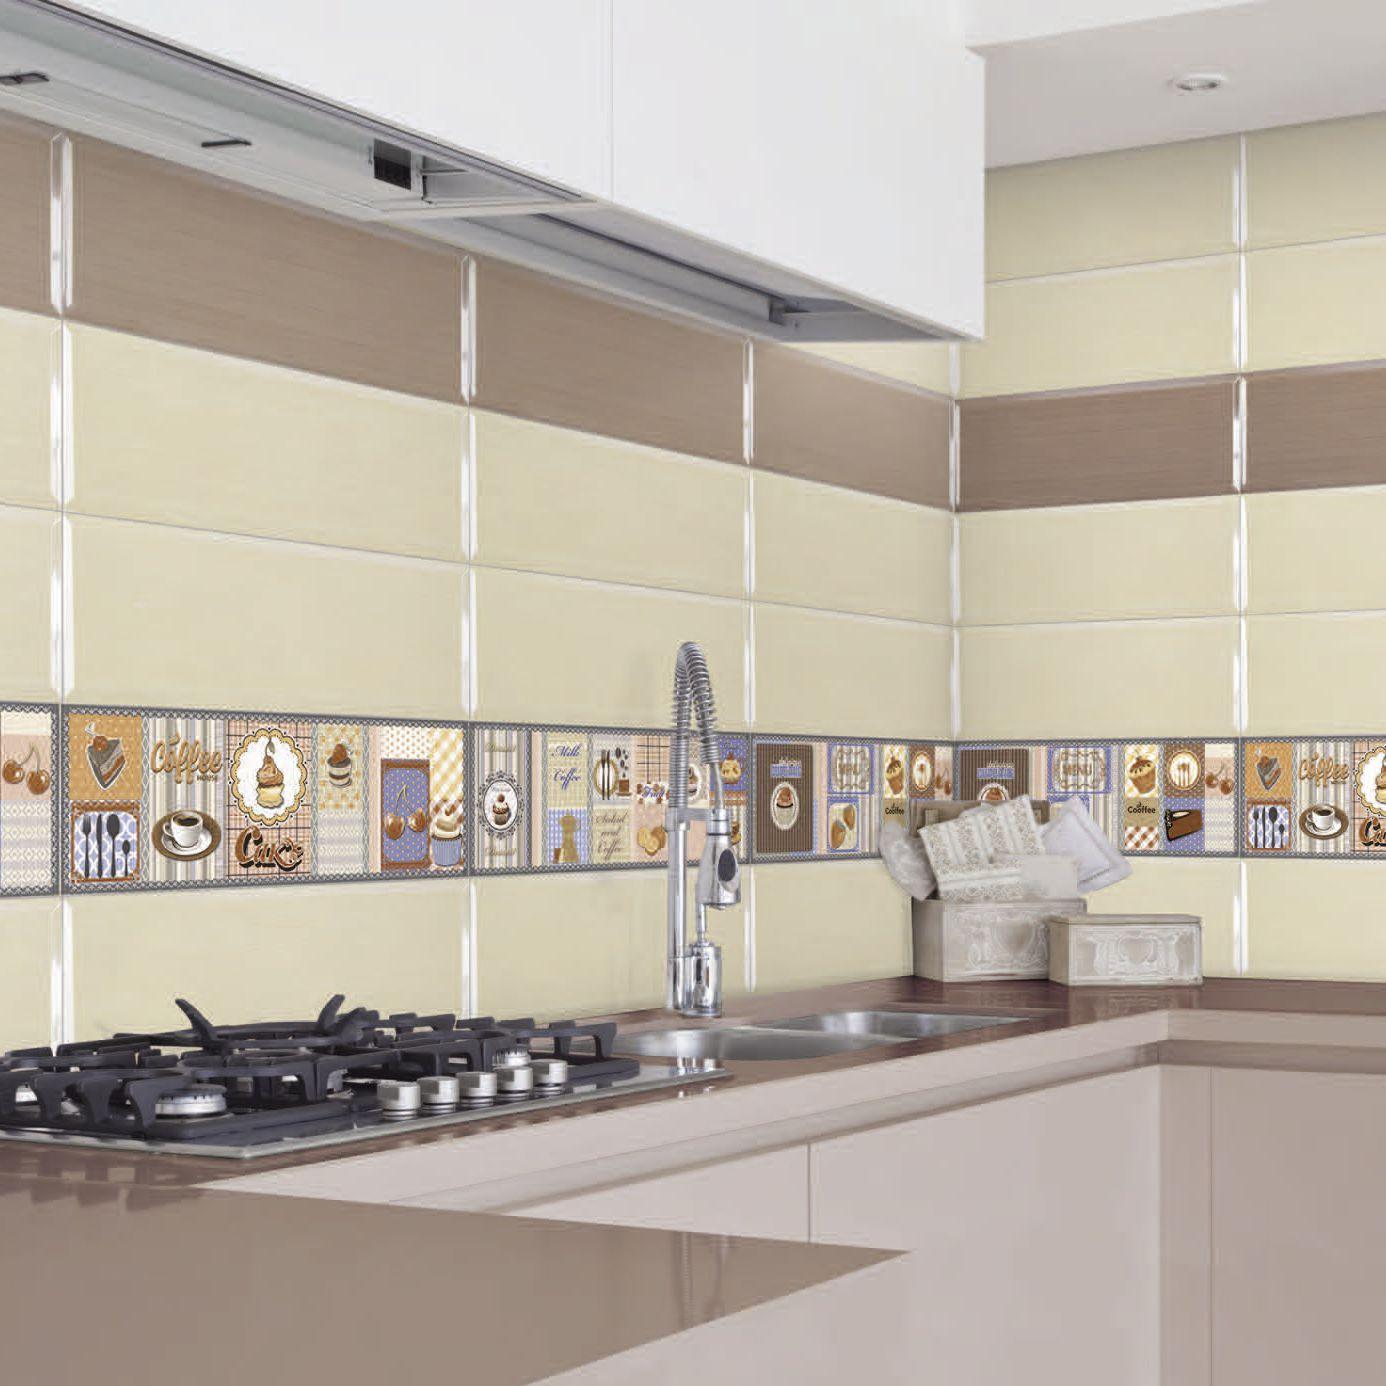 سرامیک آشپزخانه با طرح های افقی